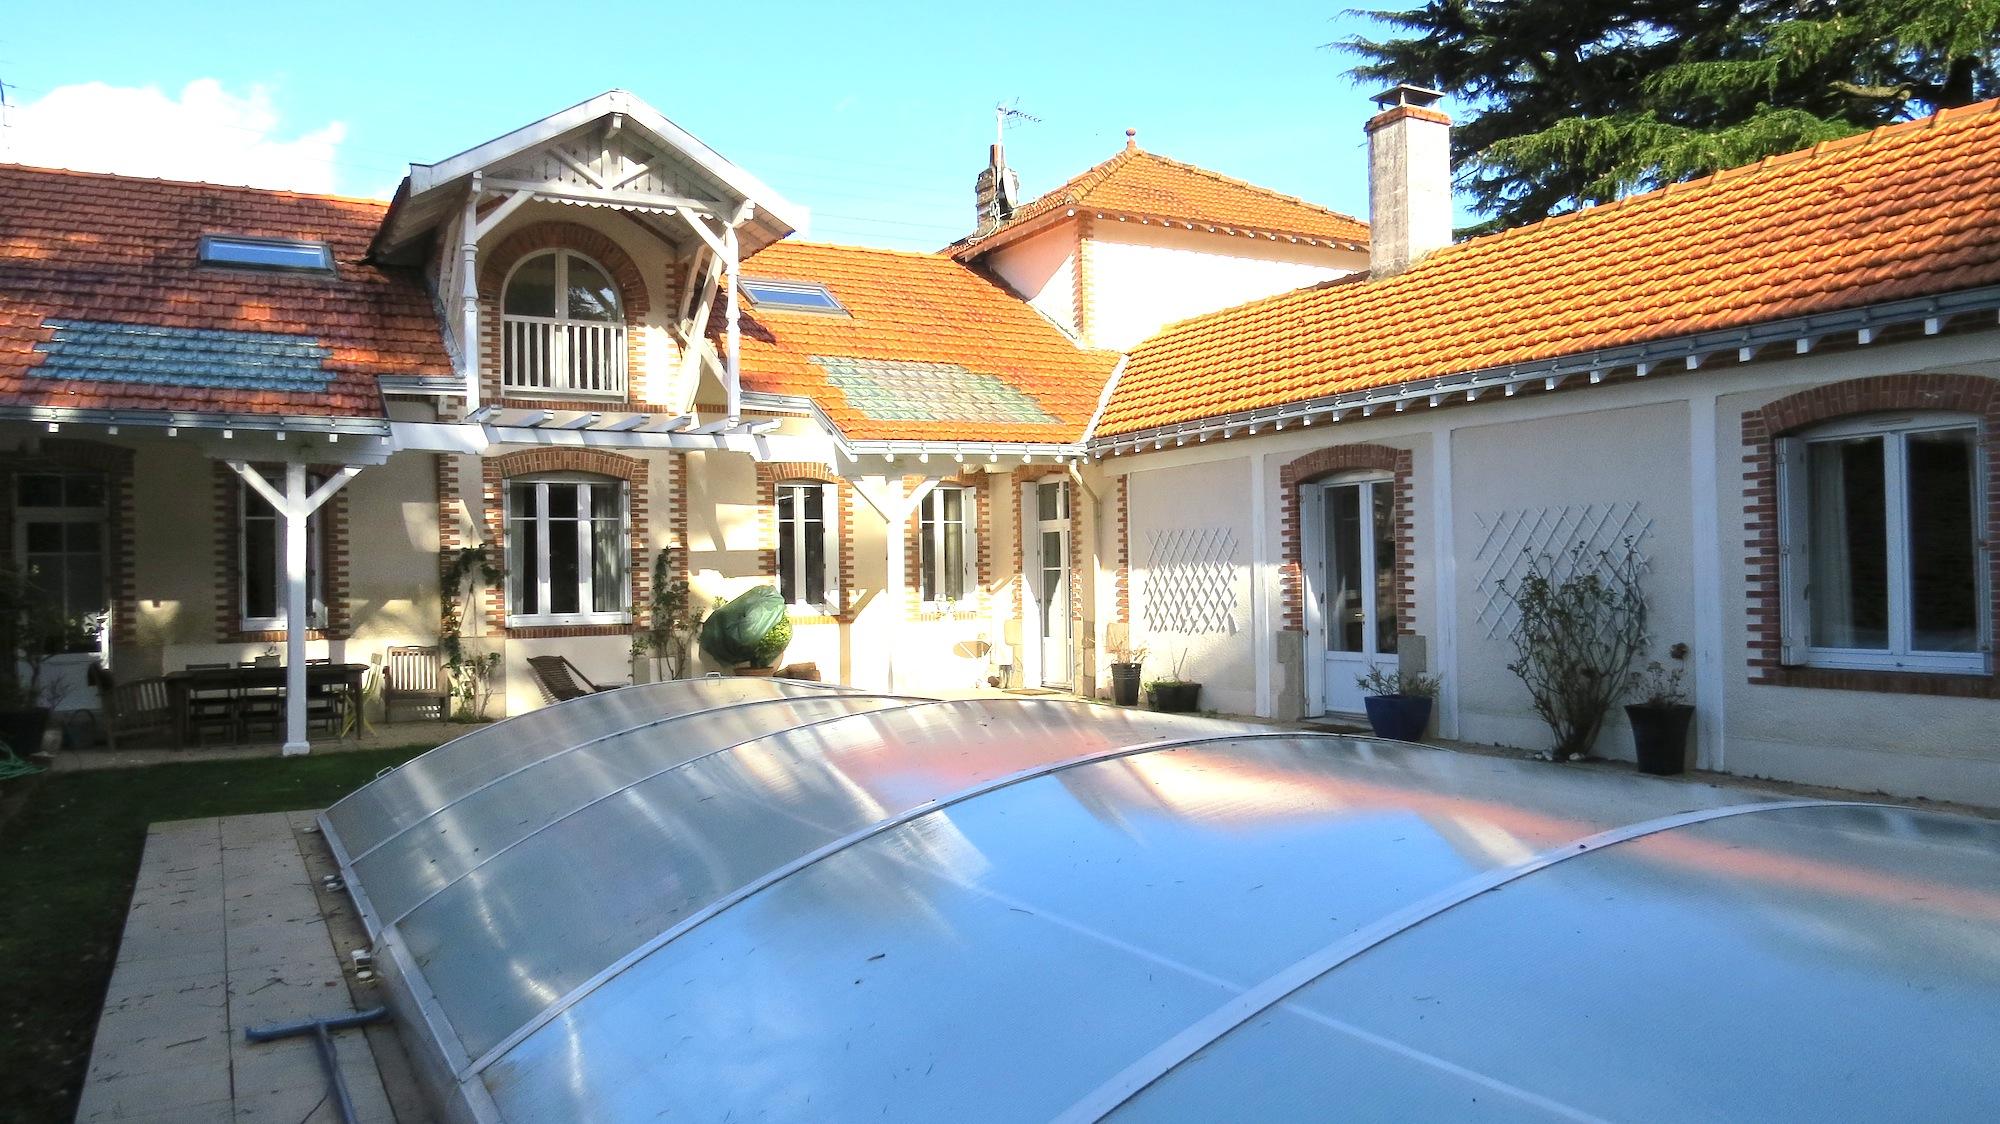 Alix deveaux immobilier for Garage nantes sud